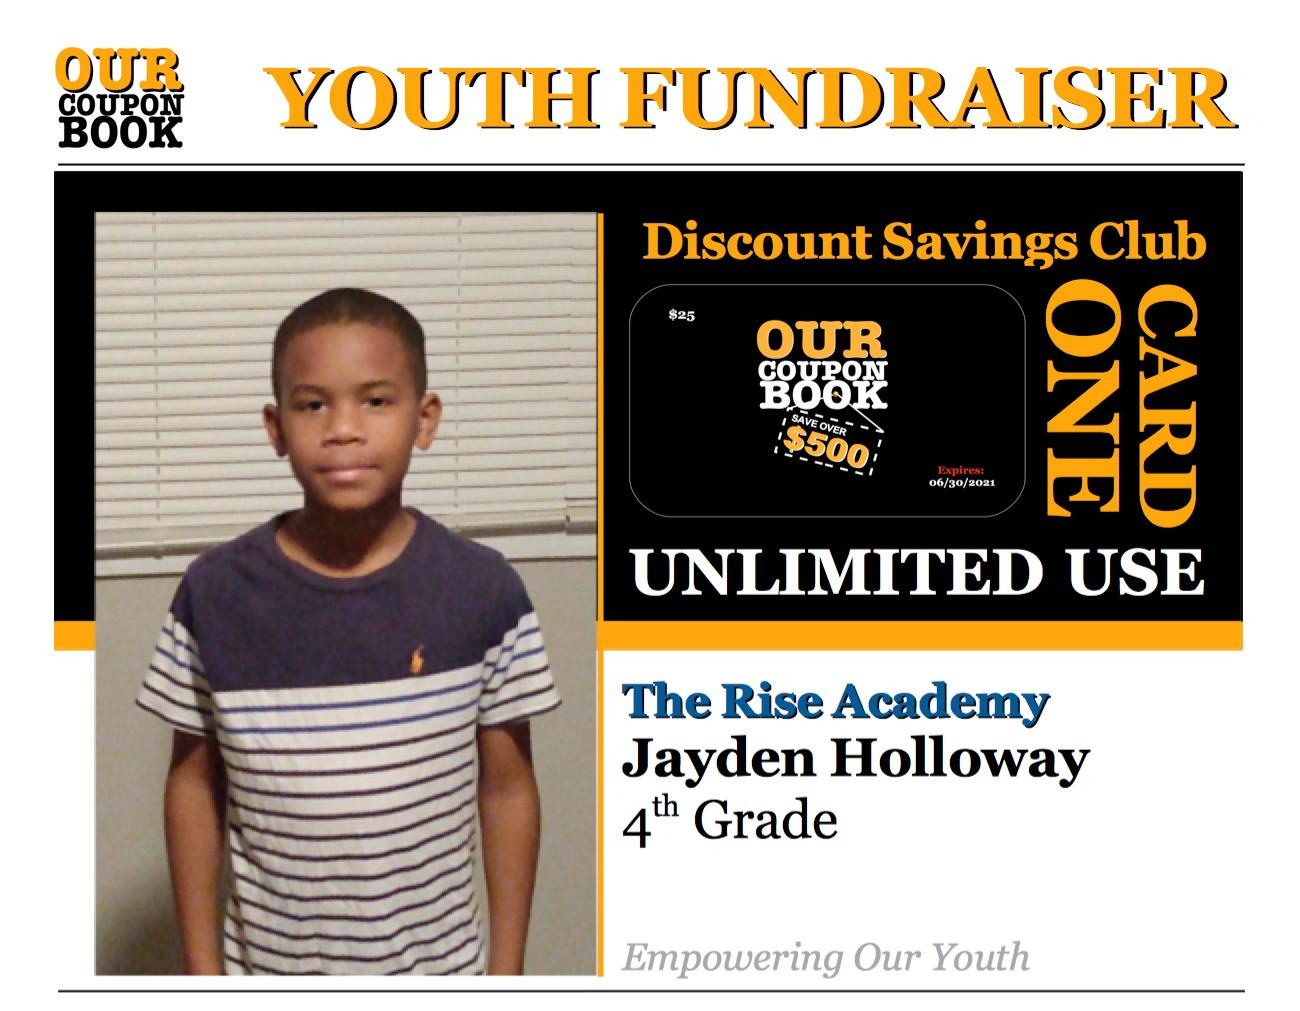 Holloway, Jayden